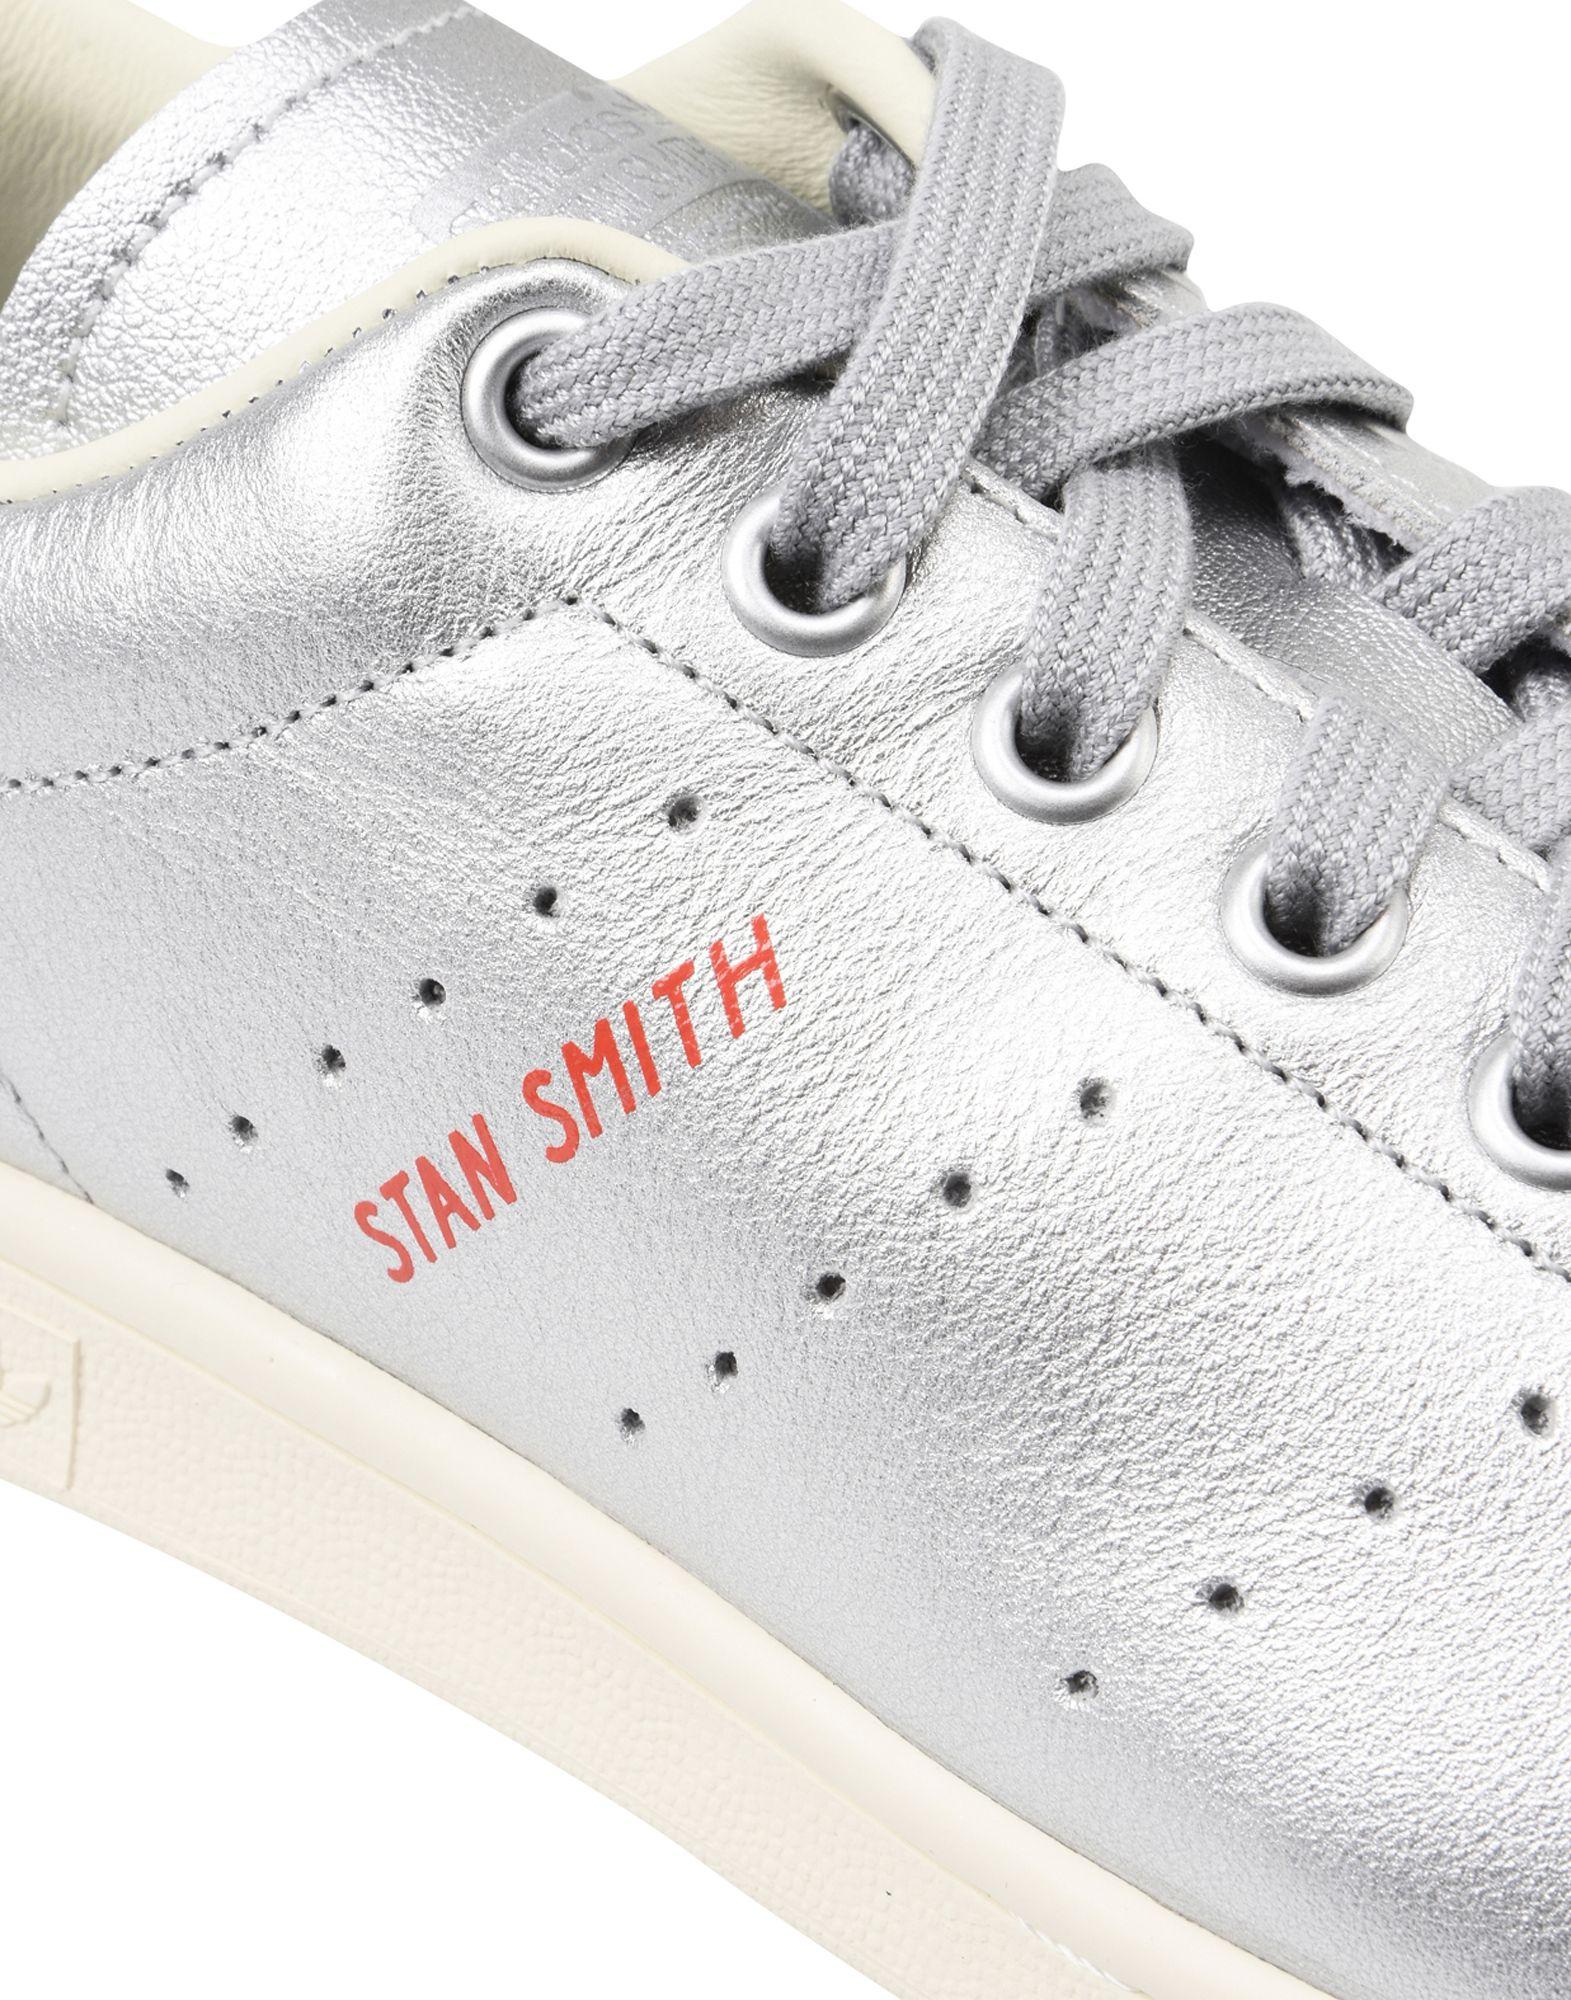 Adidas Originals Stan Smith W  11533550UO Schuhe Gute Qualität beliebte Schuhe 11533550UO 0c61d1